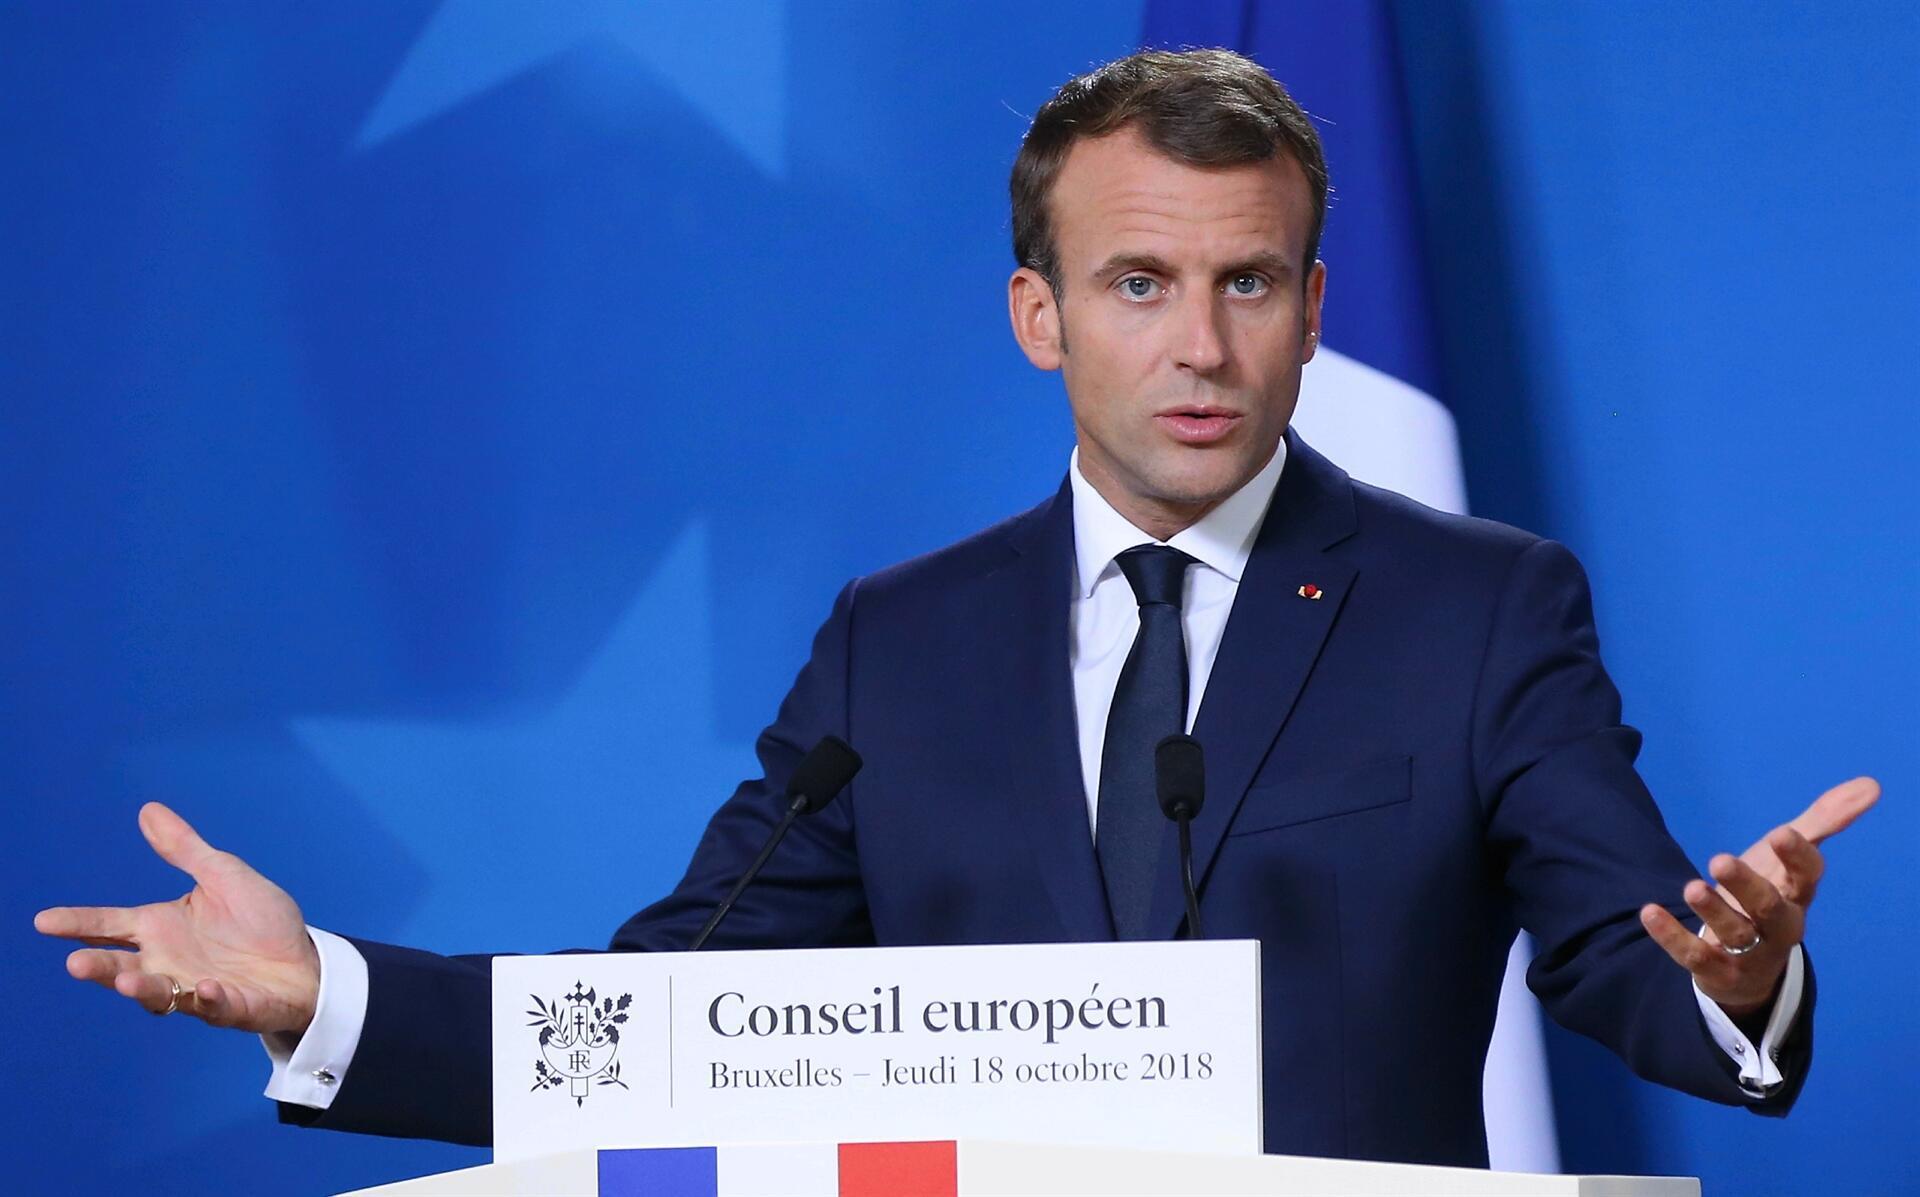 Macron: Kaşıkçı olayıyla ilgili bildiğimiz şeyler aşırı ciddi ve endişe verici